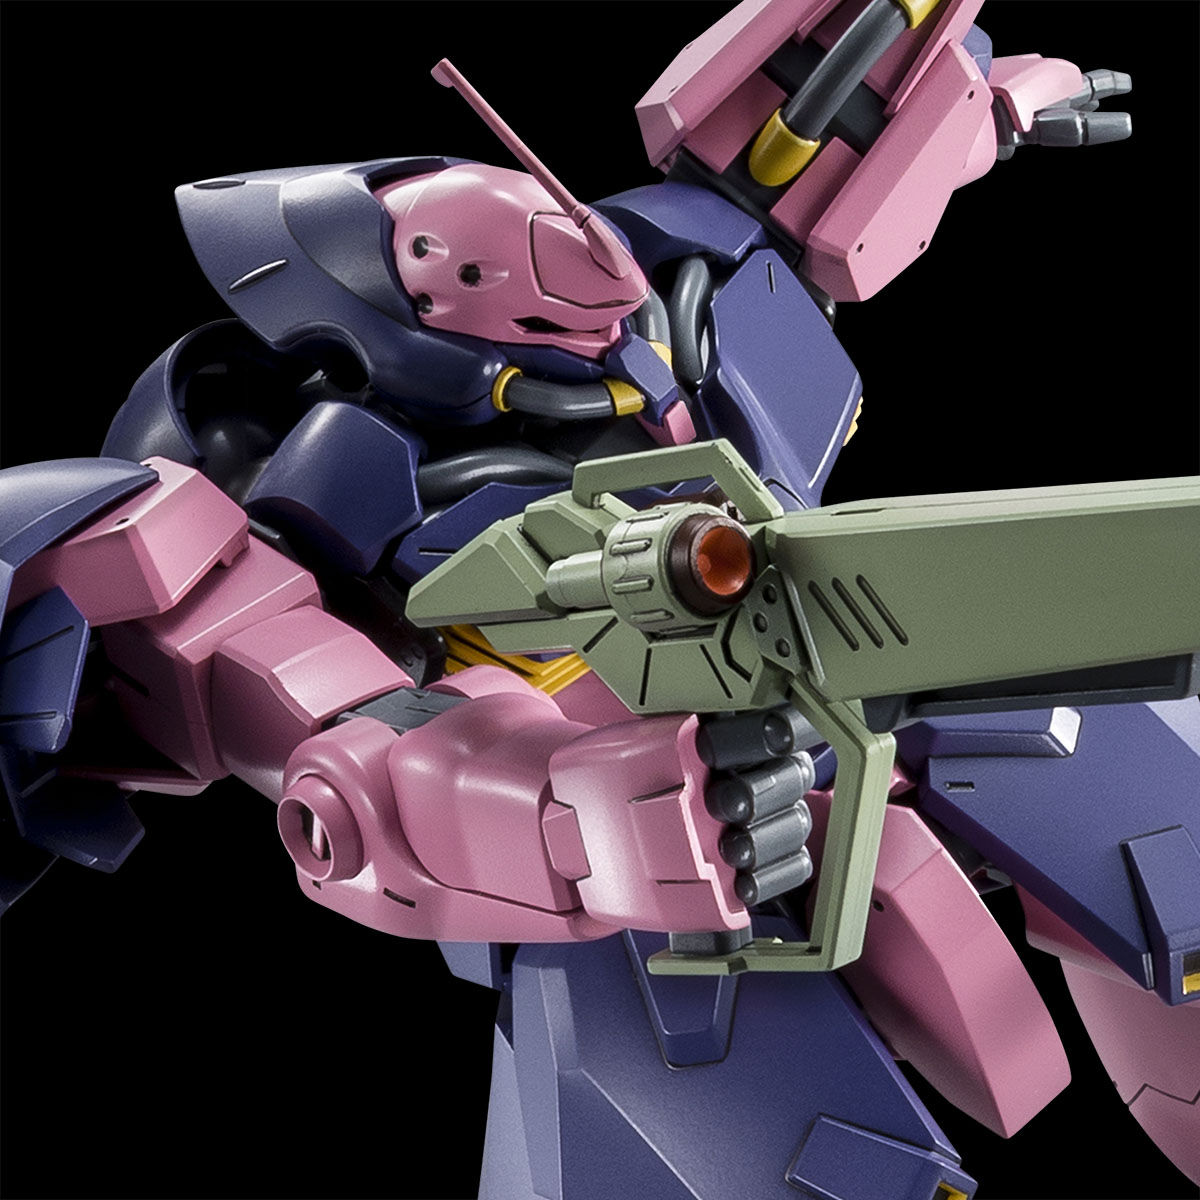 【限定販売】HG 1/144『メッサーF02型』機動戦士ガンダム 閃光のハサウェイ プラモデル-010